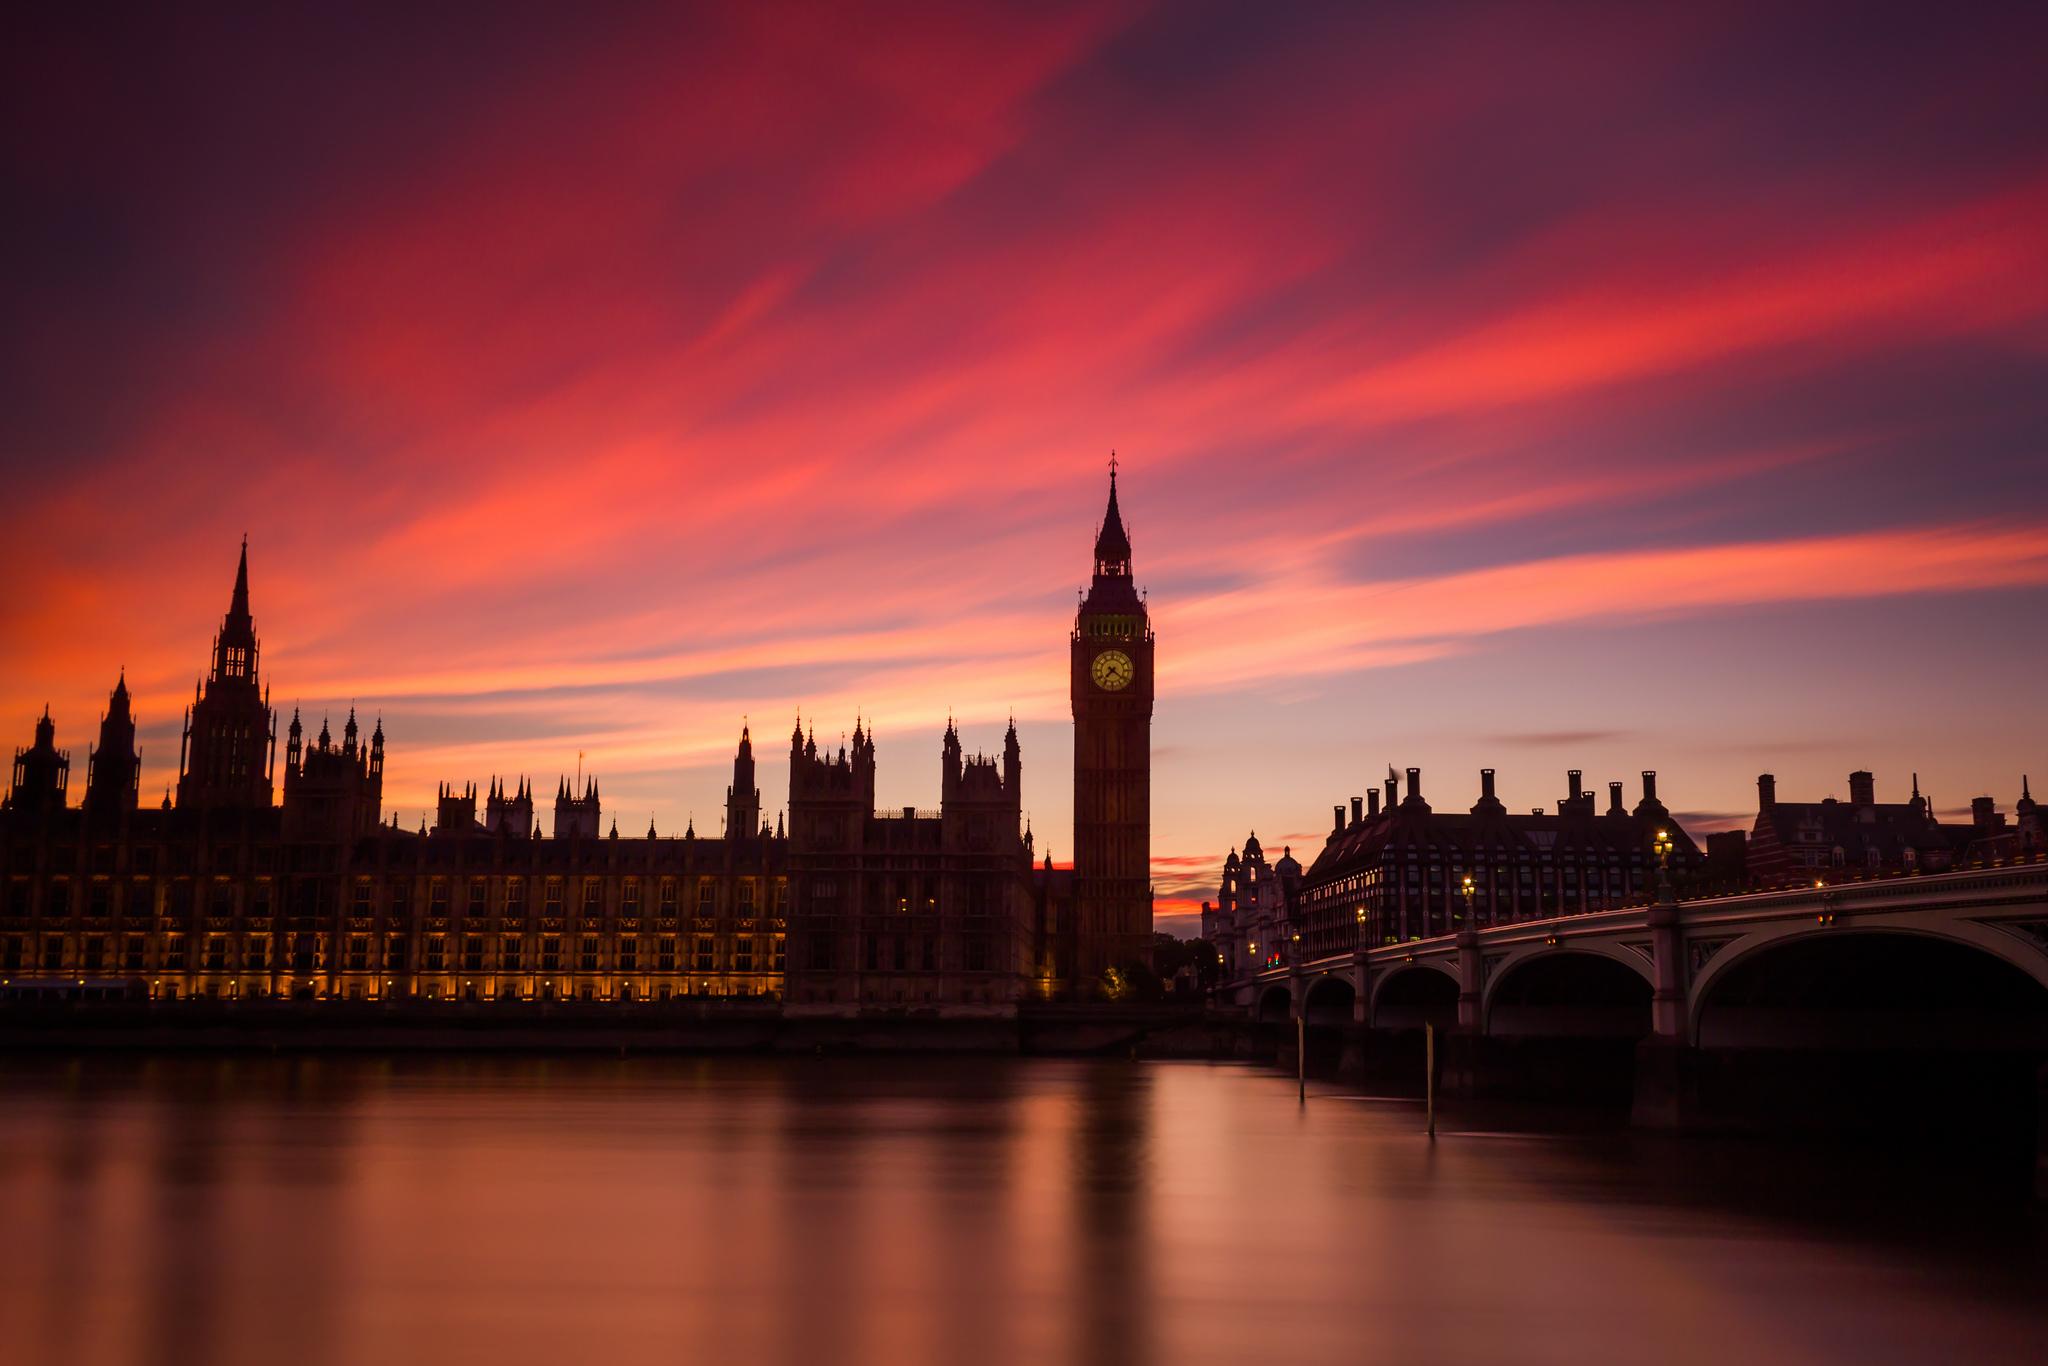 страны архитектура Лондон Англия  № 573702 бесплатно